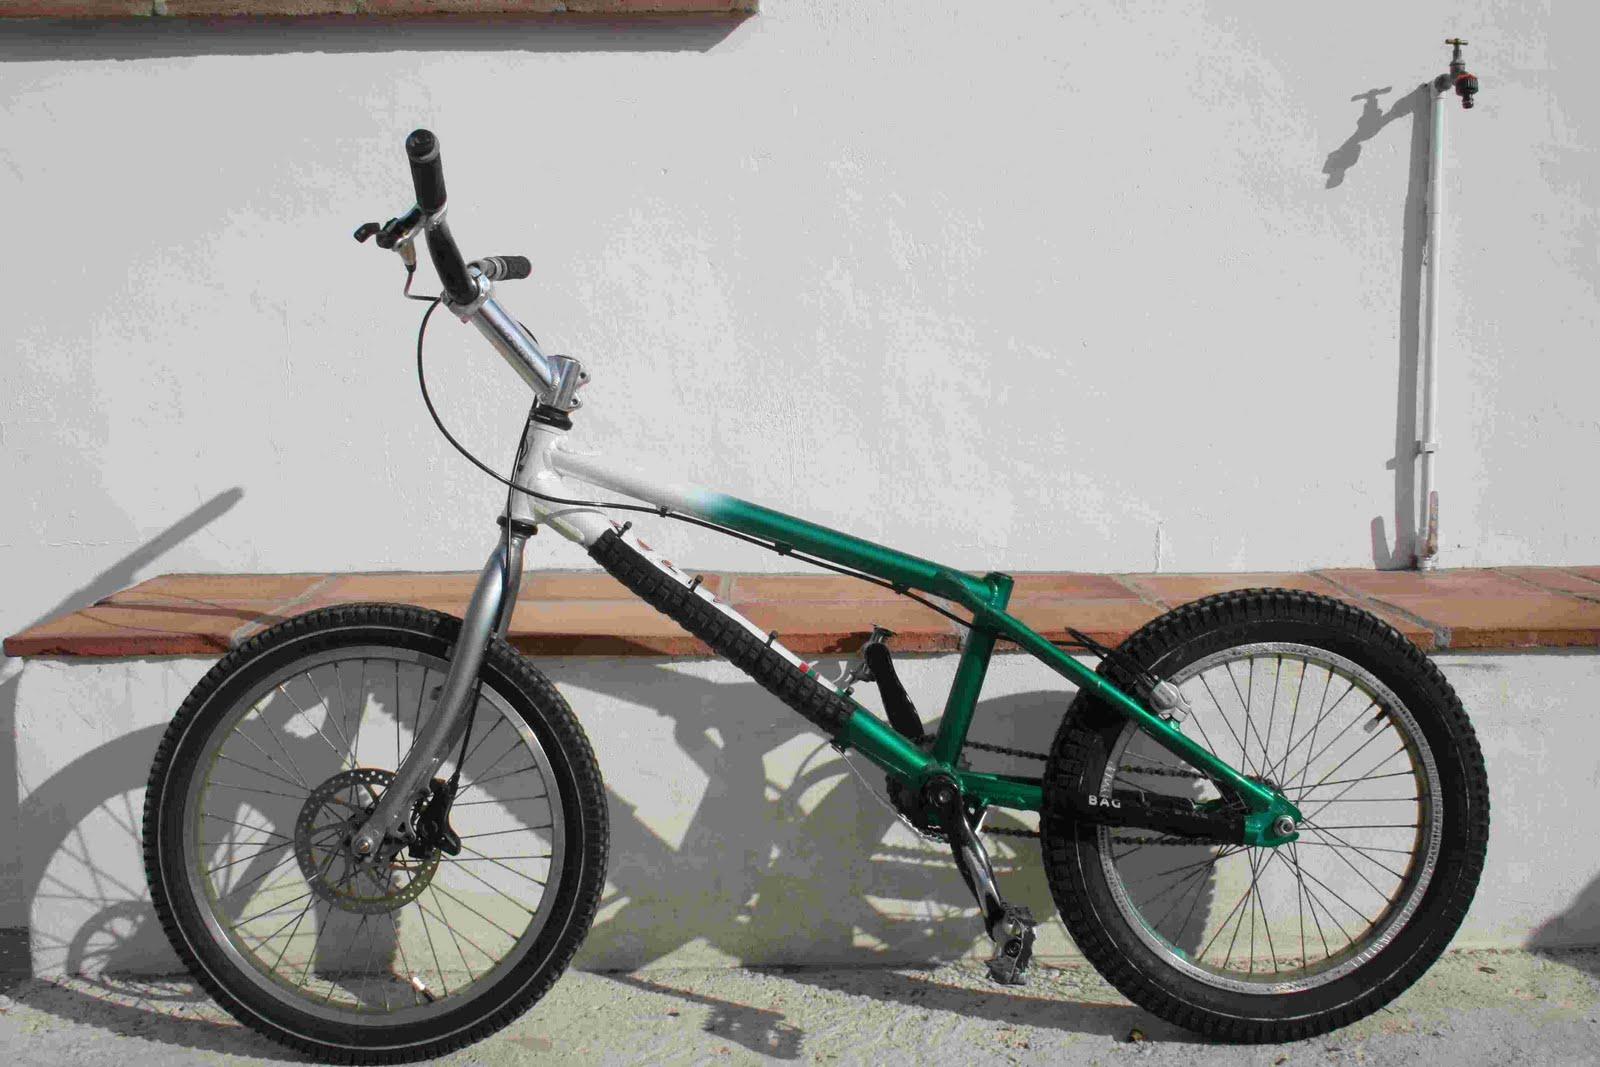 قیمت دوچرخه تریال